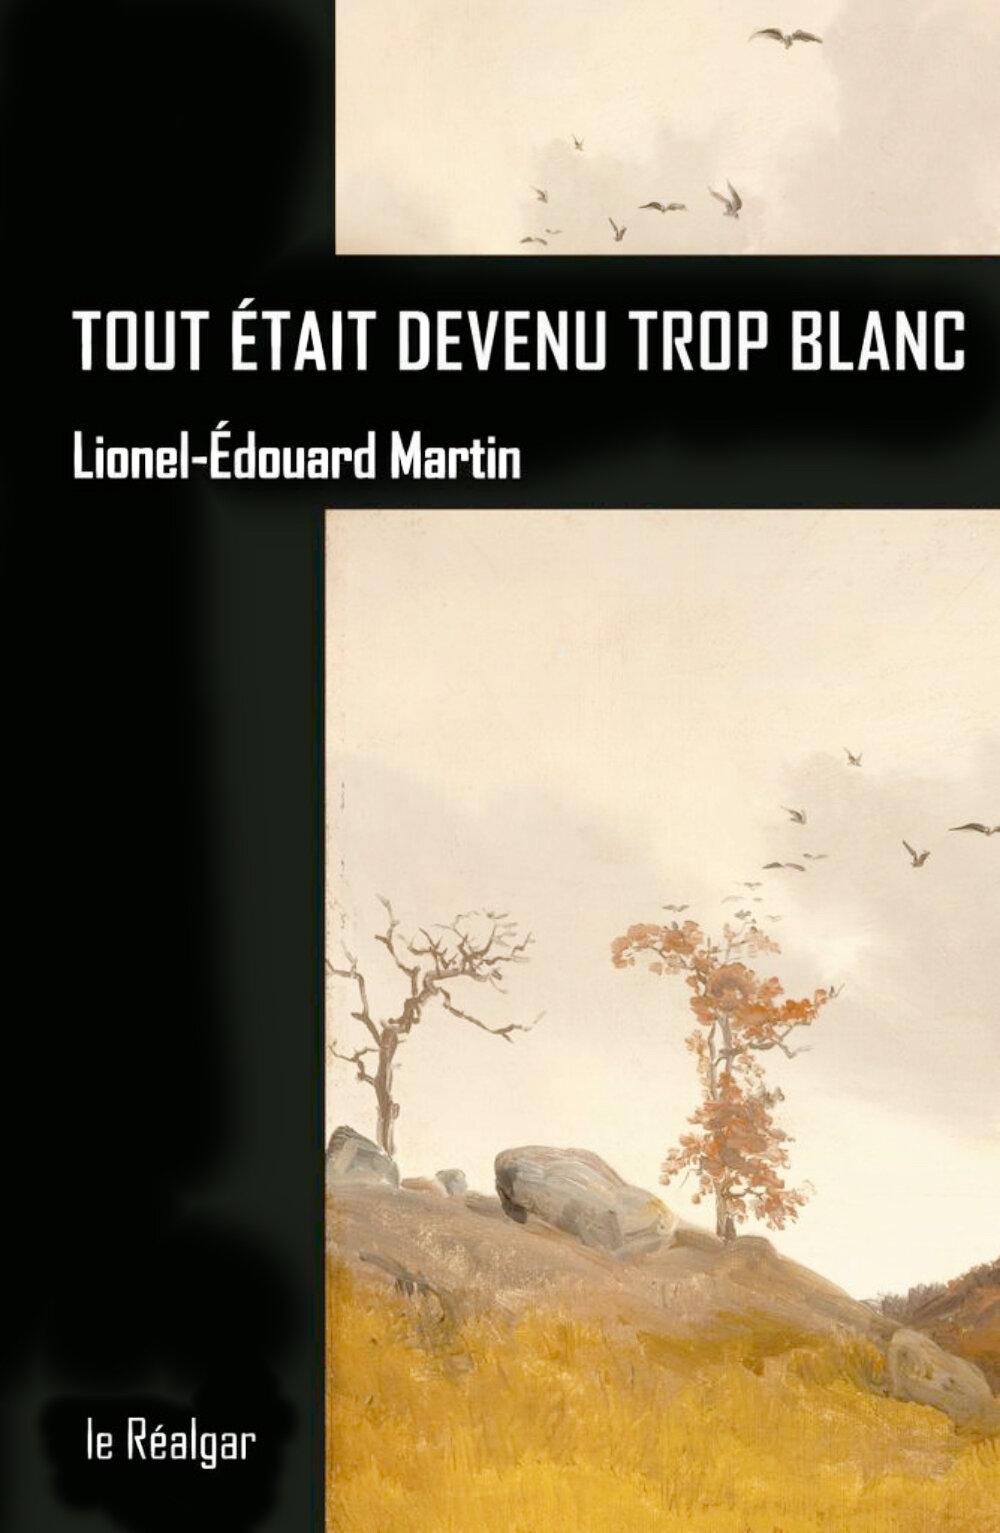 Lionel-Edouard Martin - Tout était devenu trop blanc